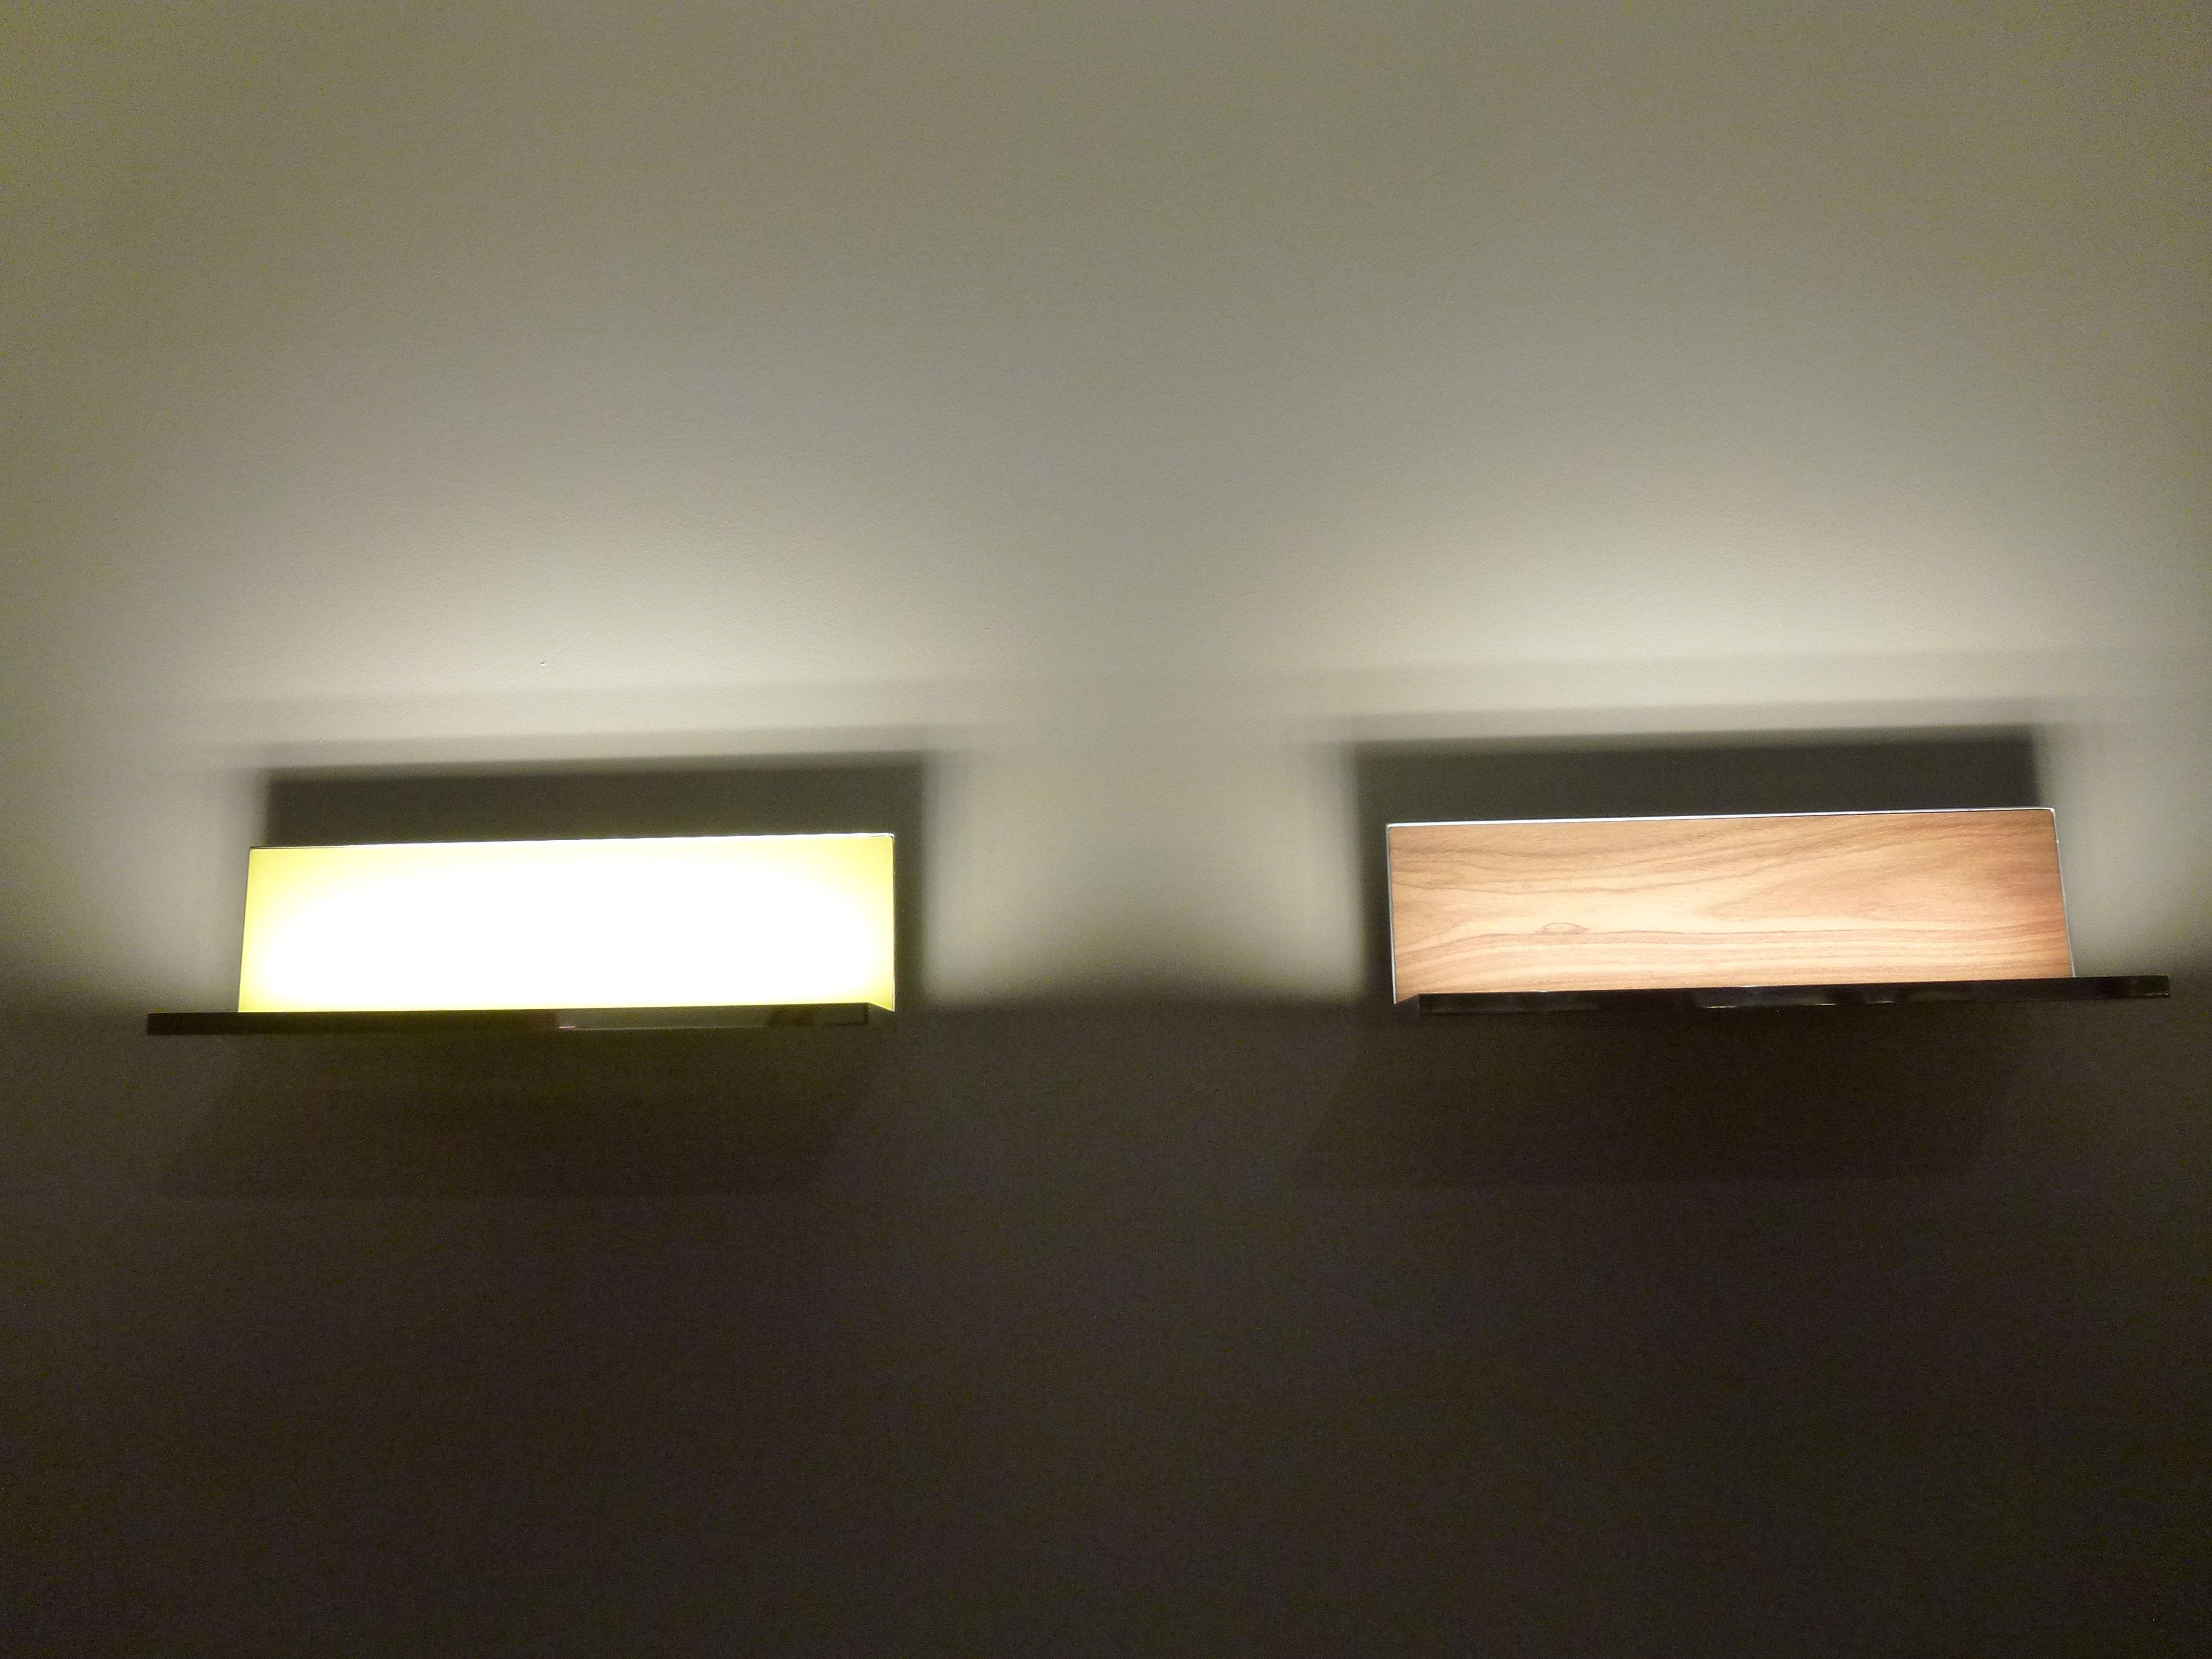 Plafoniere Da Parete Classiche : Forum arredamento u senza fretta le vostre imperdibili lampade